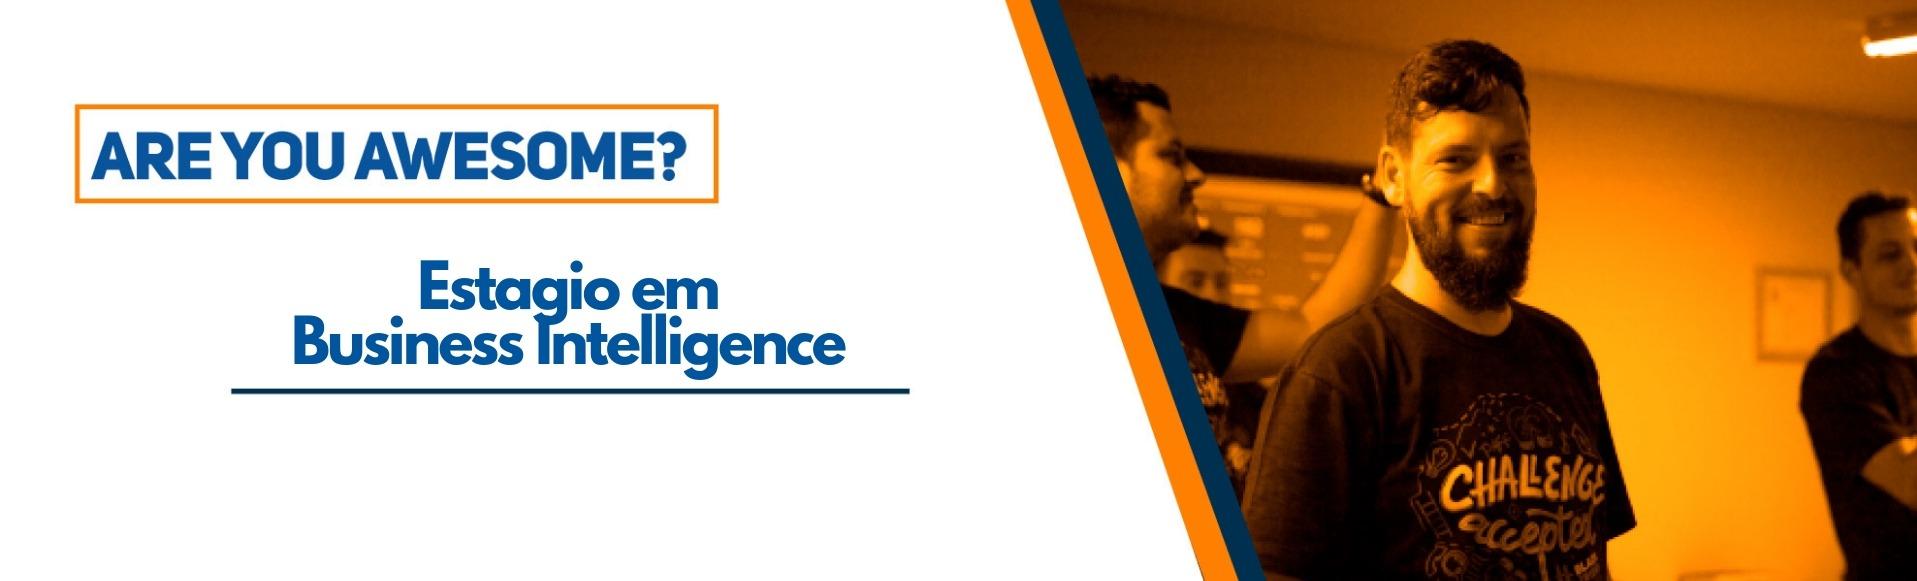 Estágio em Business Intelligence